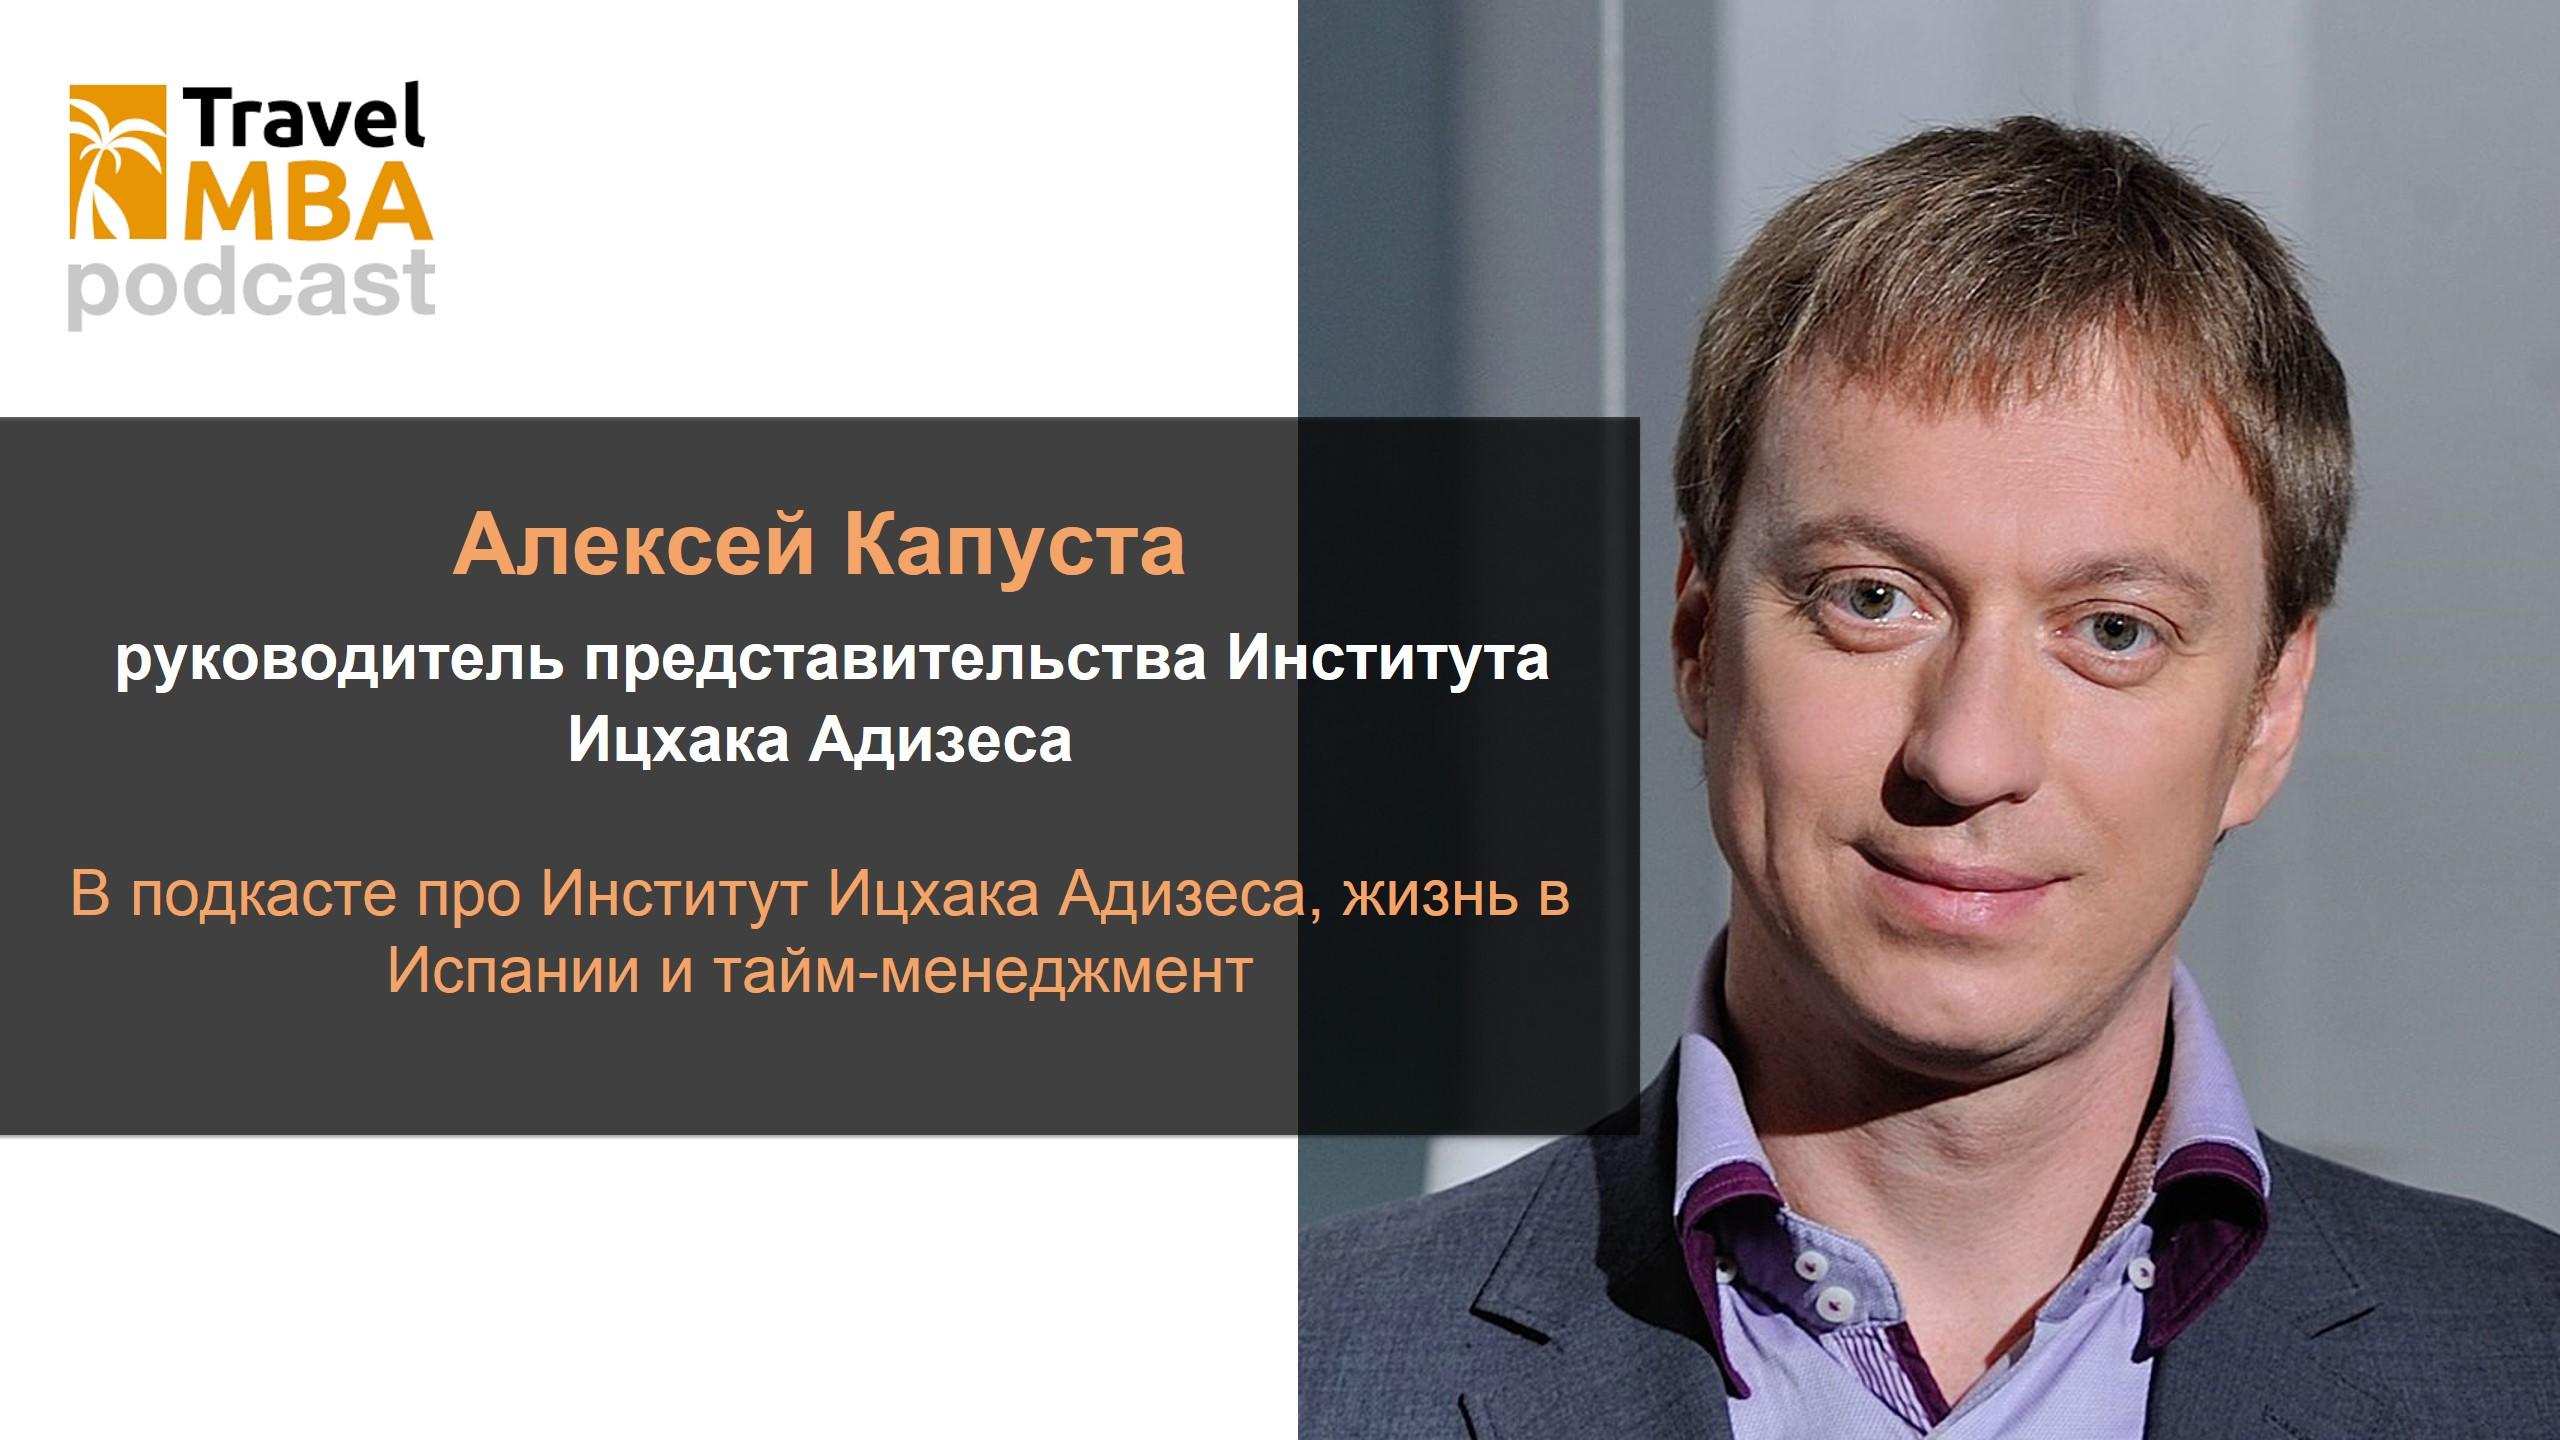 [Подкаст ] - Алексей Капуста: о переезде в Испанию, самообразовании и Институте Ицхака Адизеса